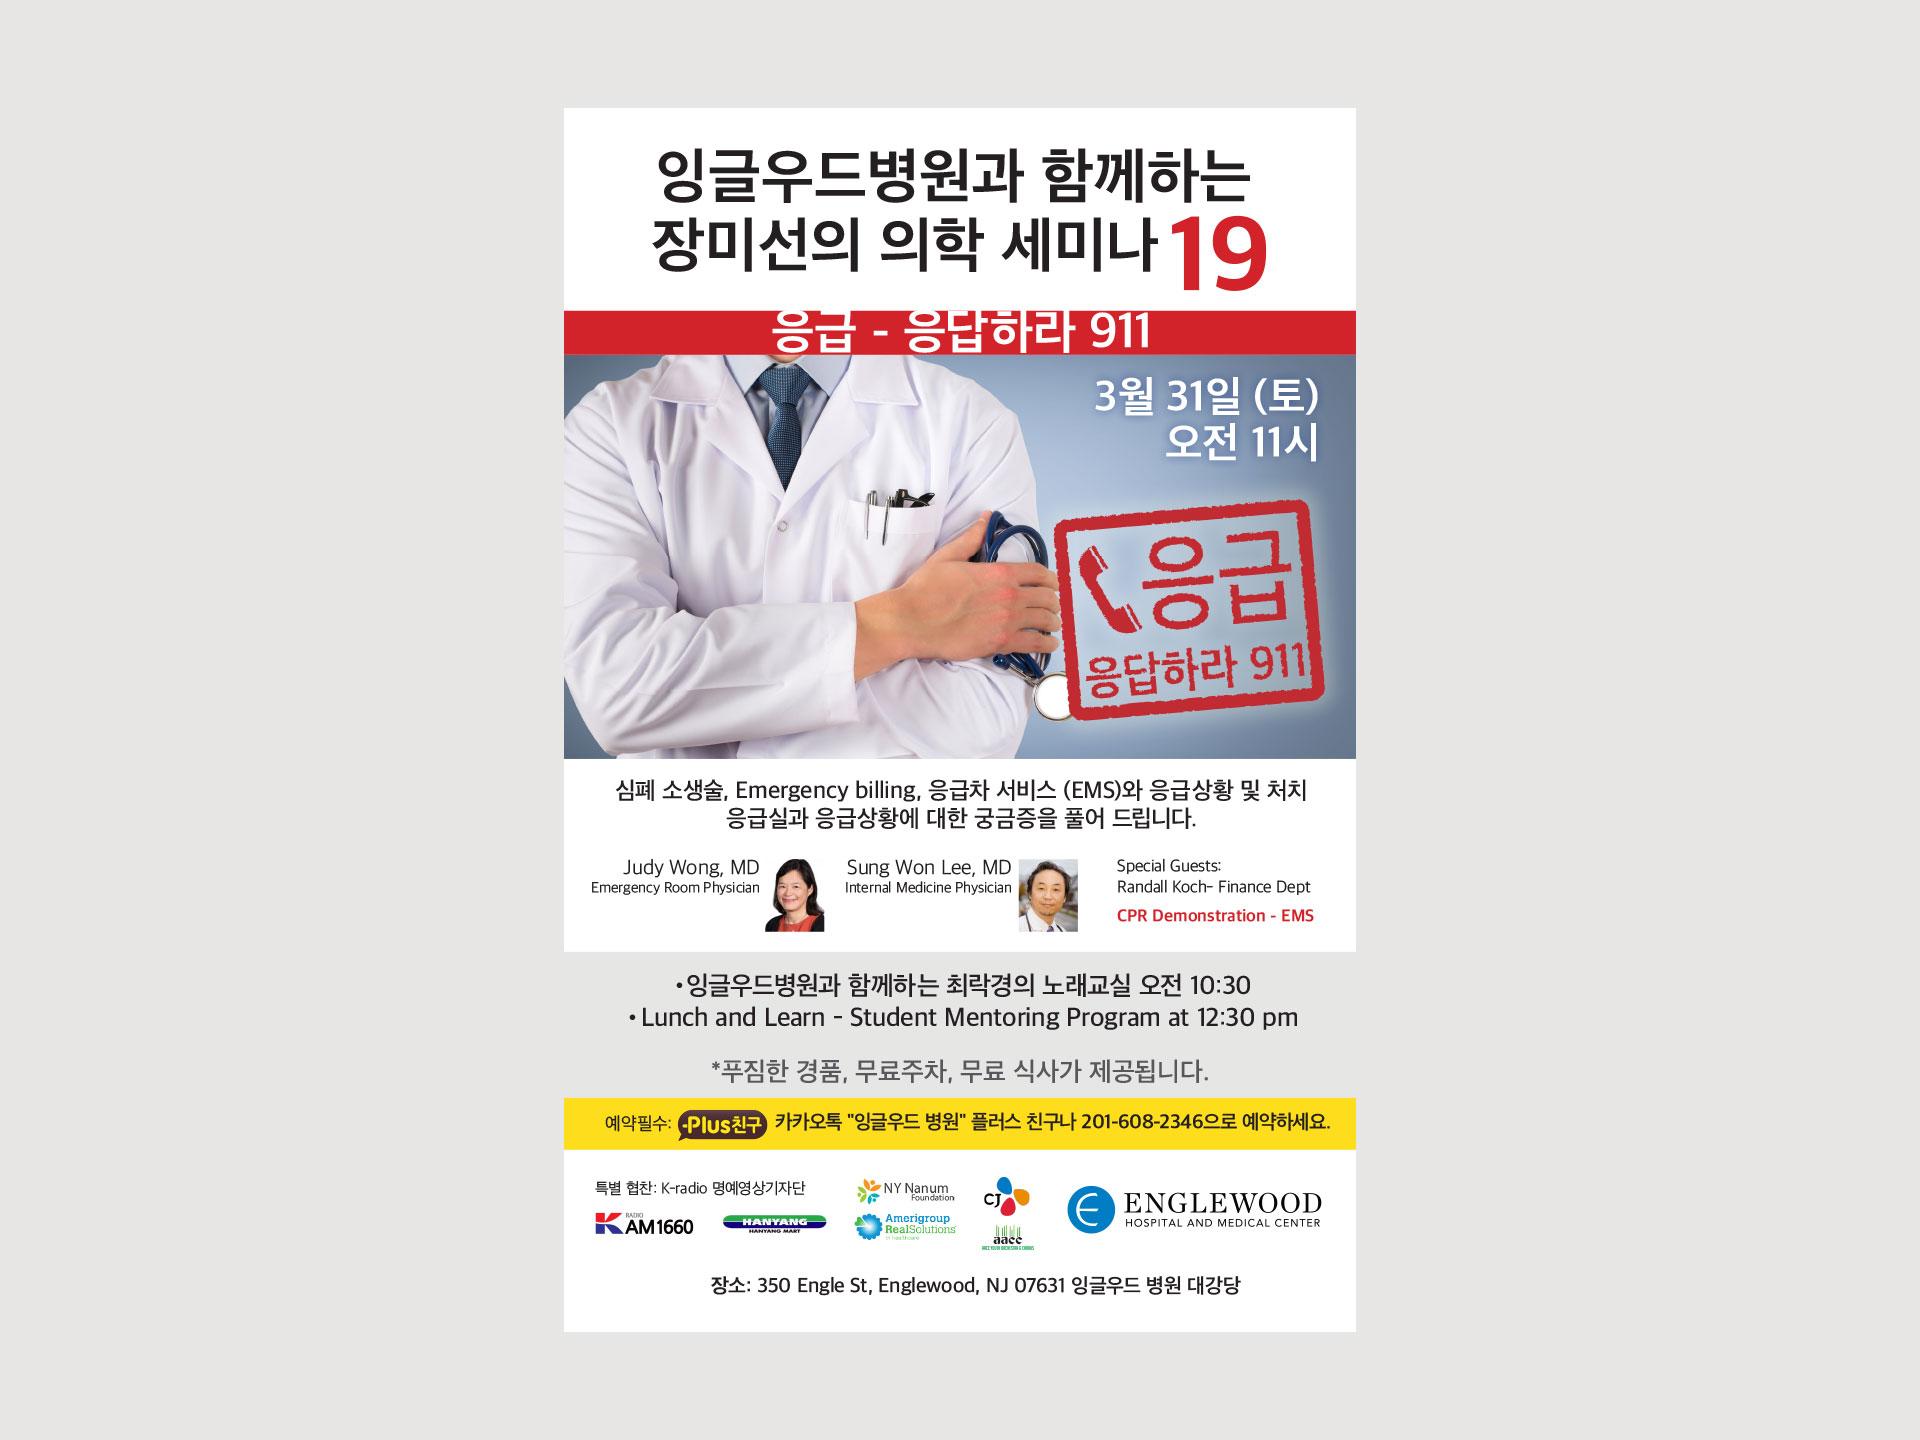 Korean Center event 19